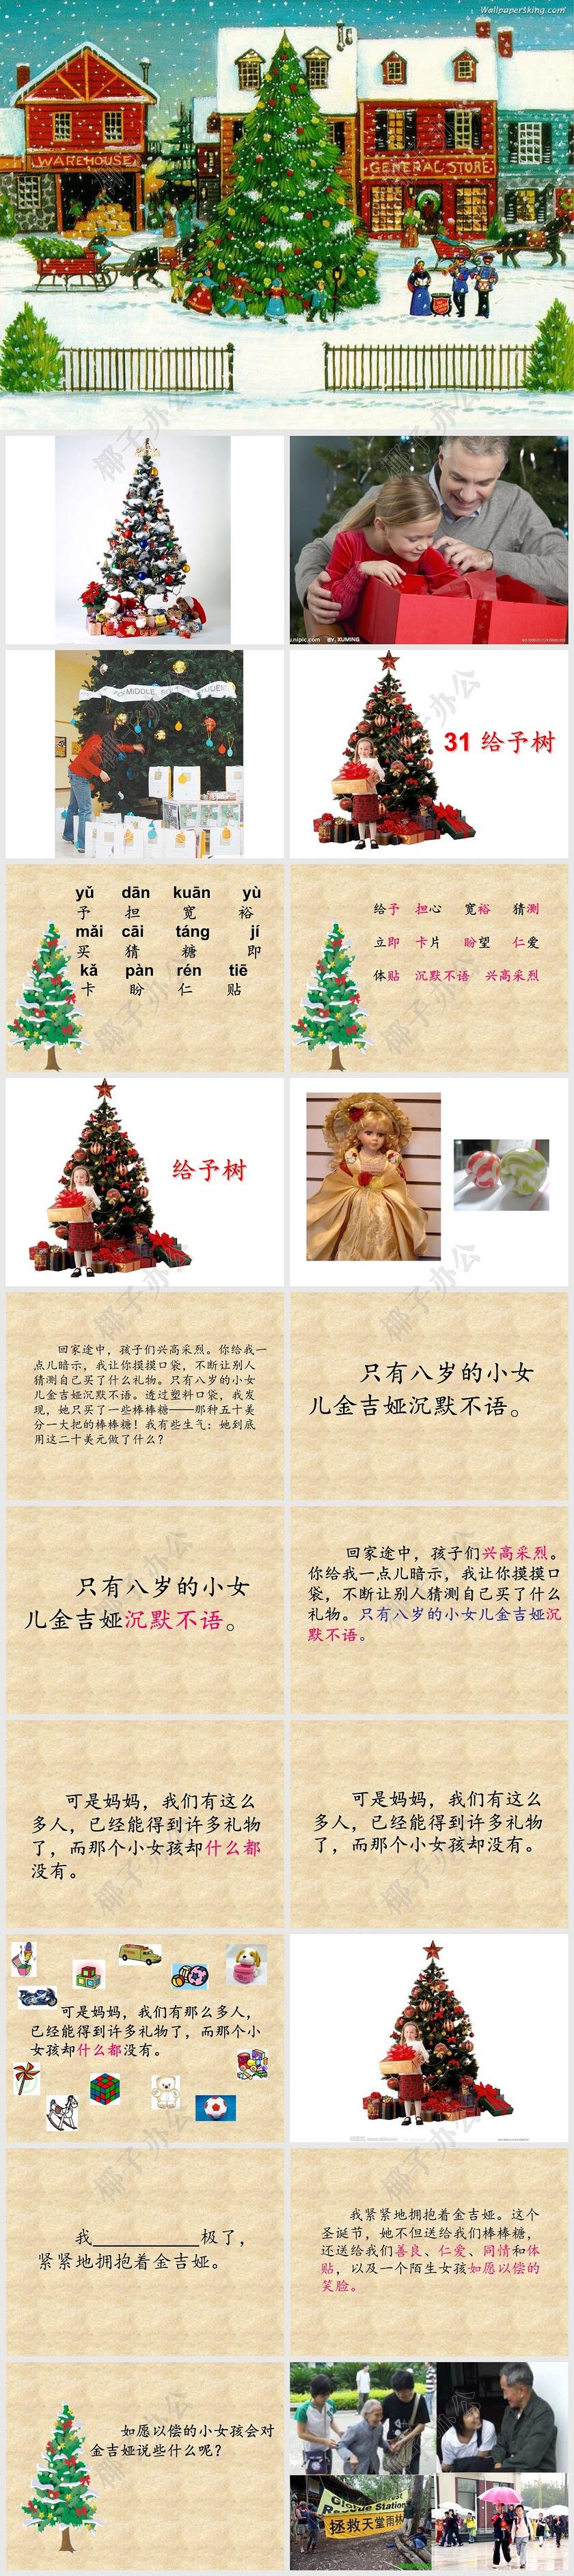 人教版给予树ppt_小学三年级上册语文第三十一课给予树PPT课件1-椰子办公